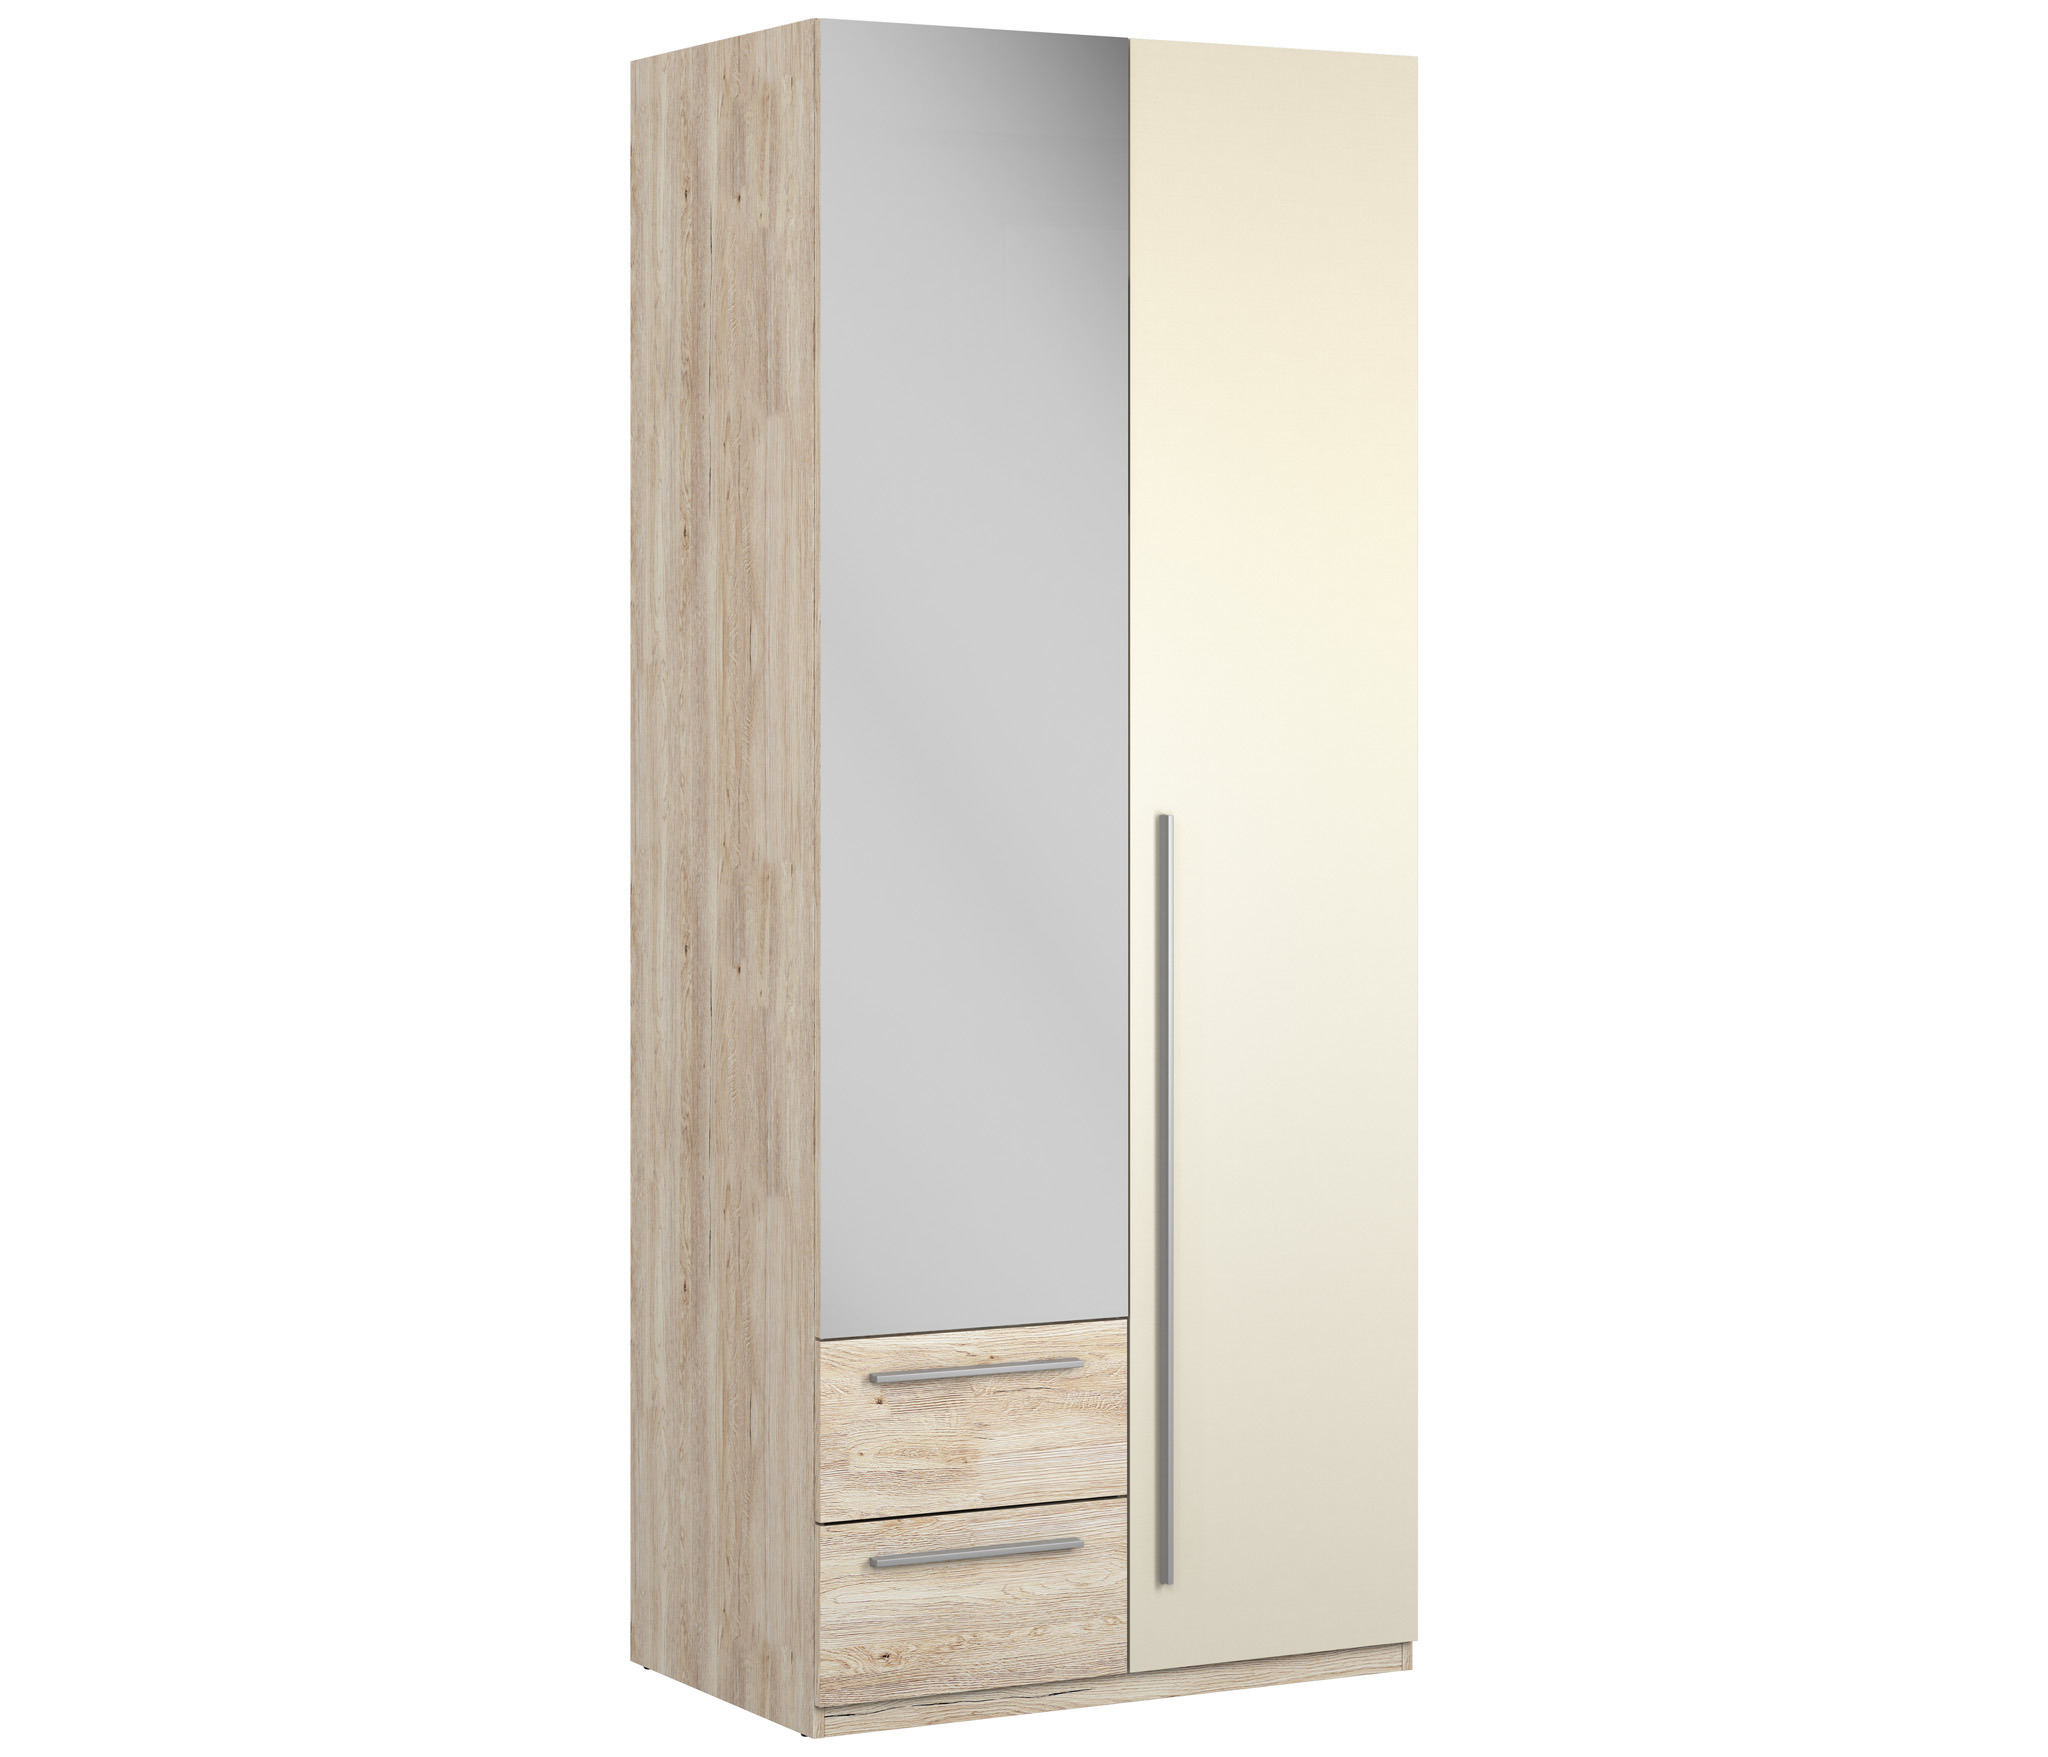 Милано СБ-2322 Шкаф 2-х дверныйШкафы<br><br><br>Длина мм: 900<br>Высота мм: 2172<br>Глубина мм: 576